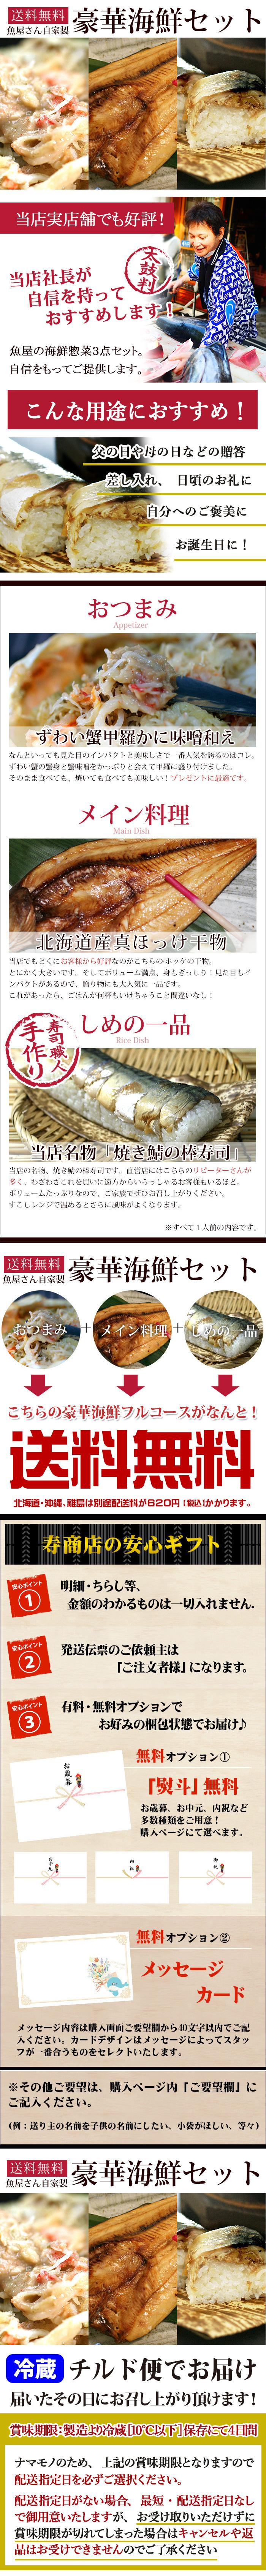 「送料無料」魚屋さん自家製・豪華海鮮セット